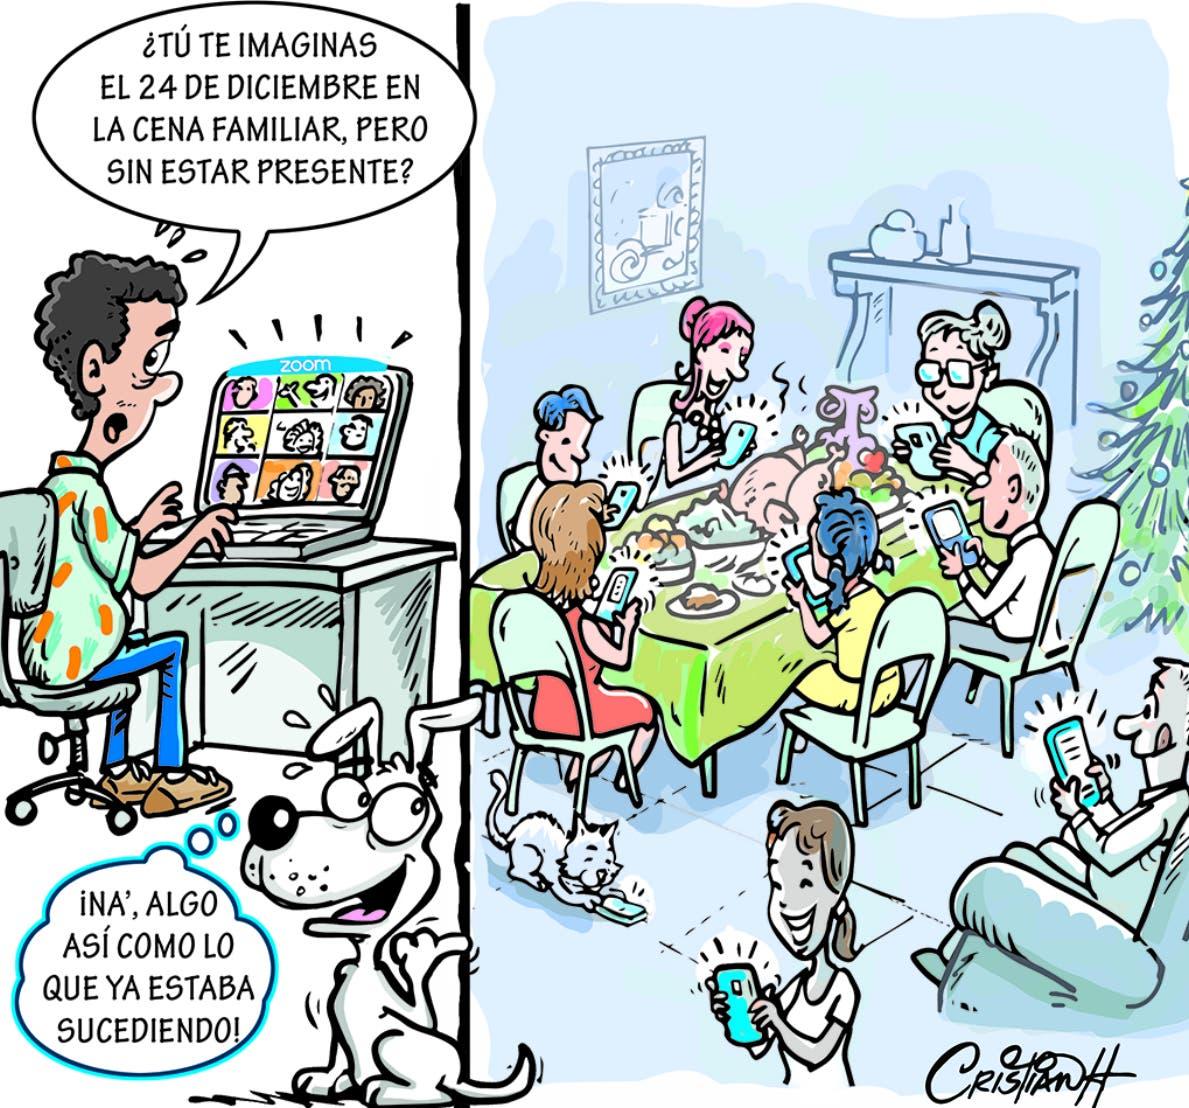 Caricatura Cristian Caricaturas – El Día, 19 de Noviembre, 2020